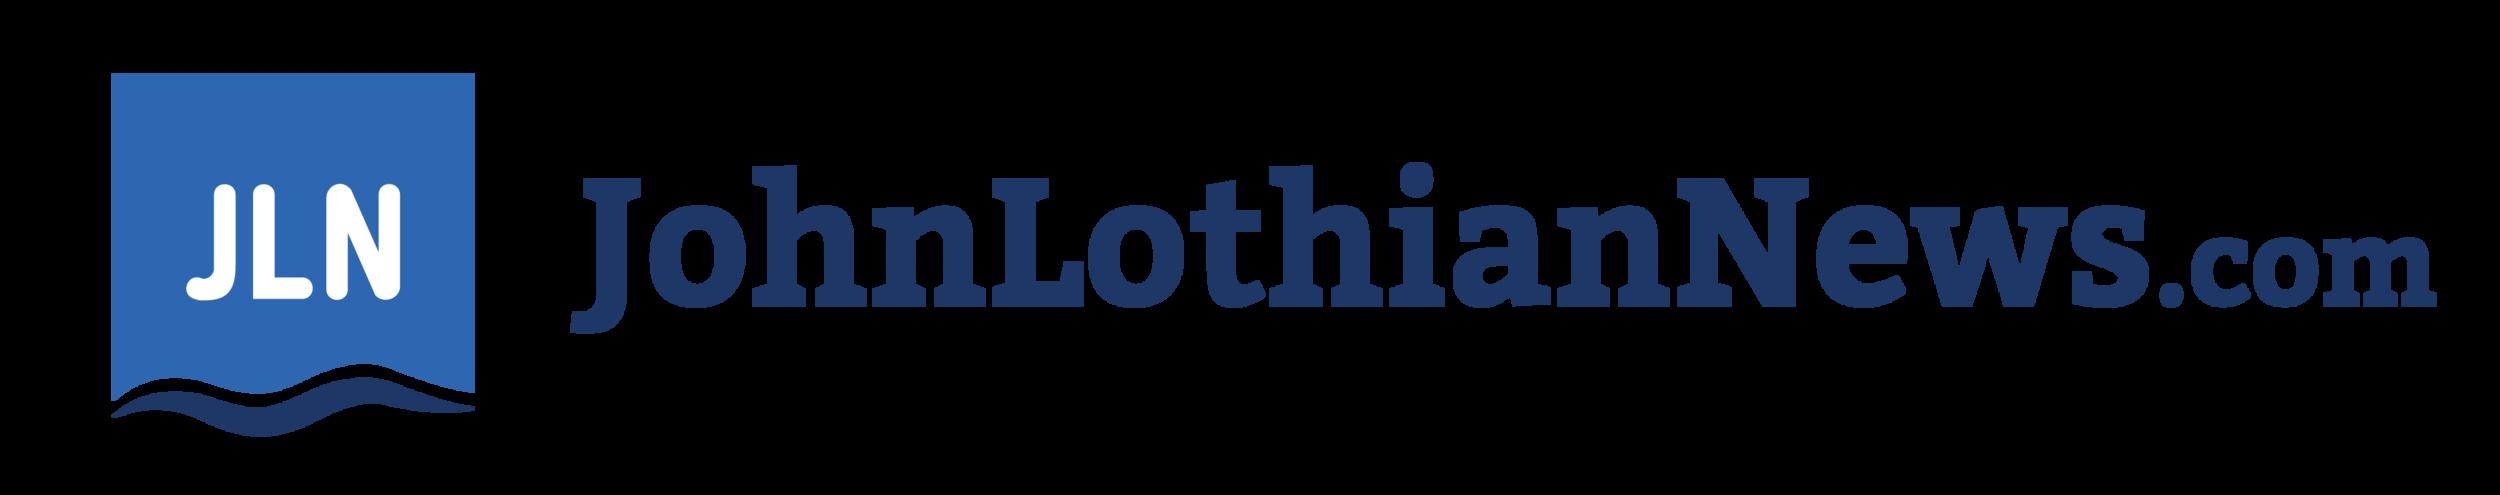 JohnLothianNews-logo-01.png